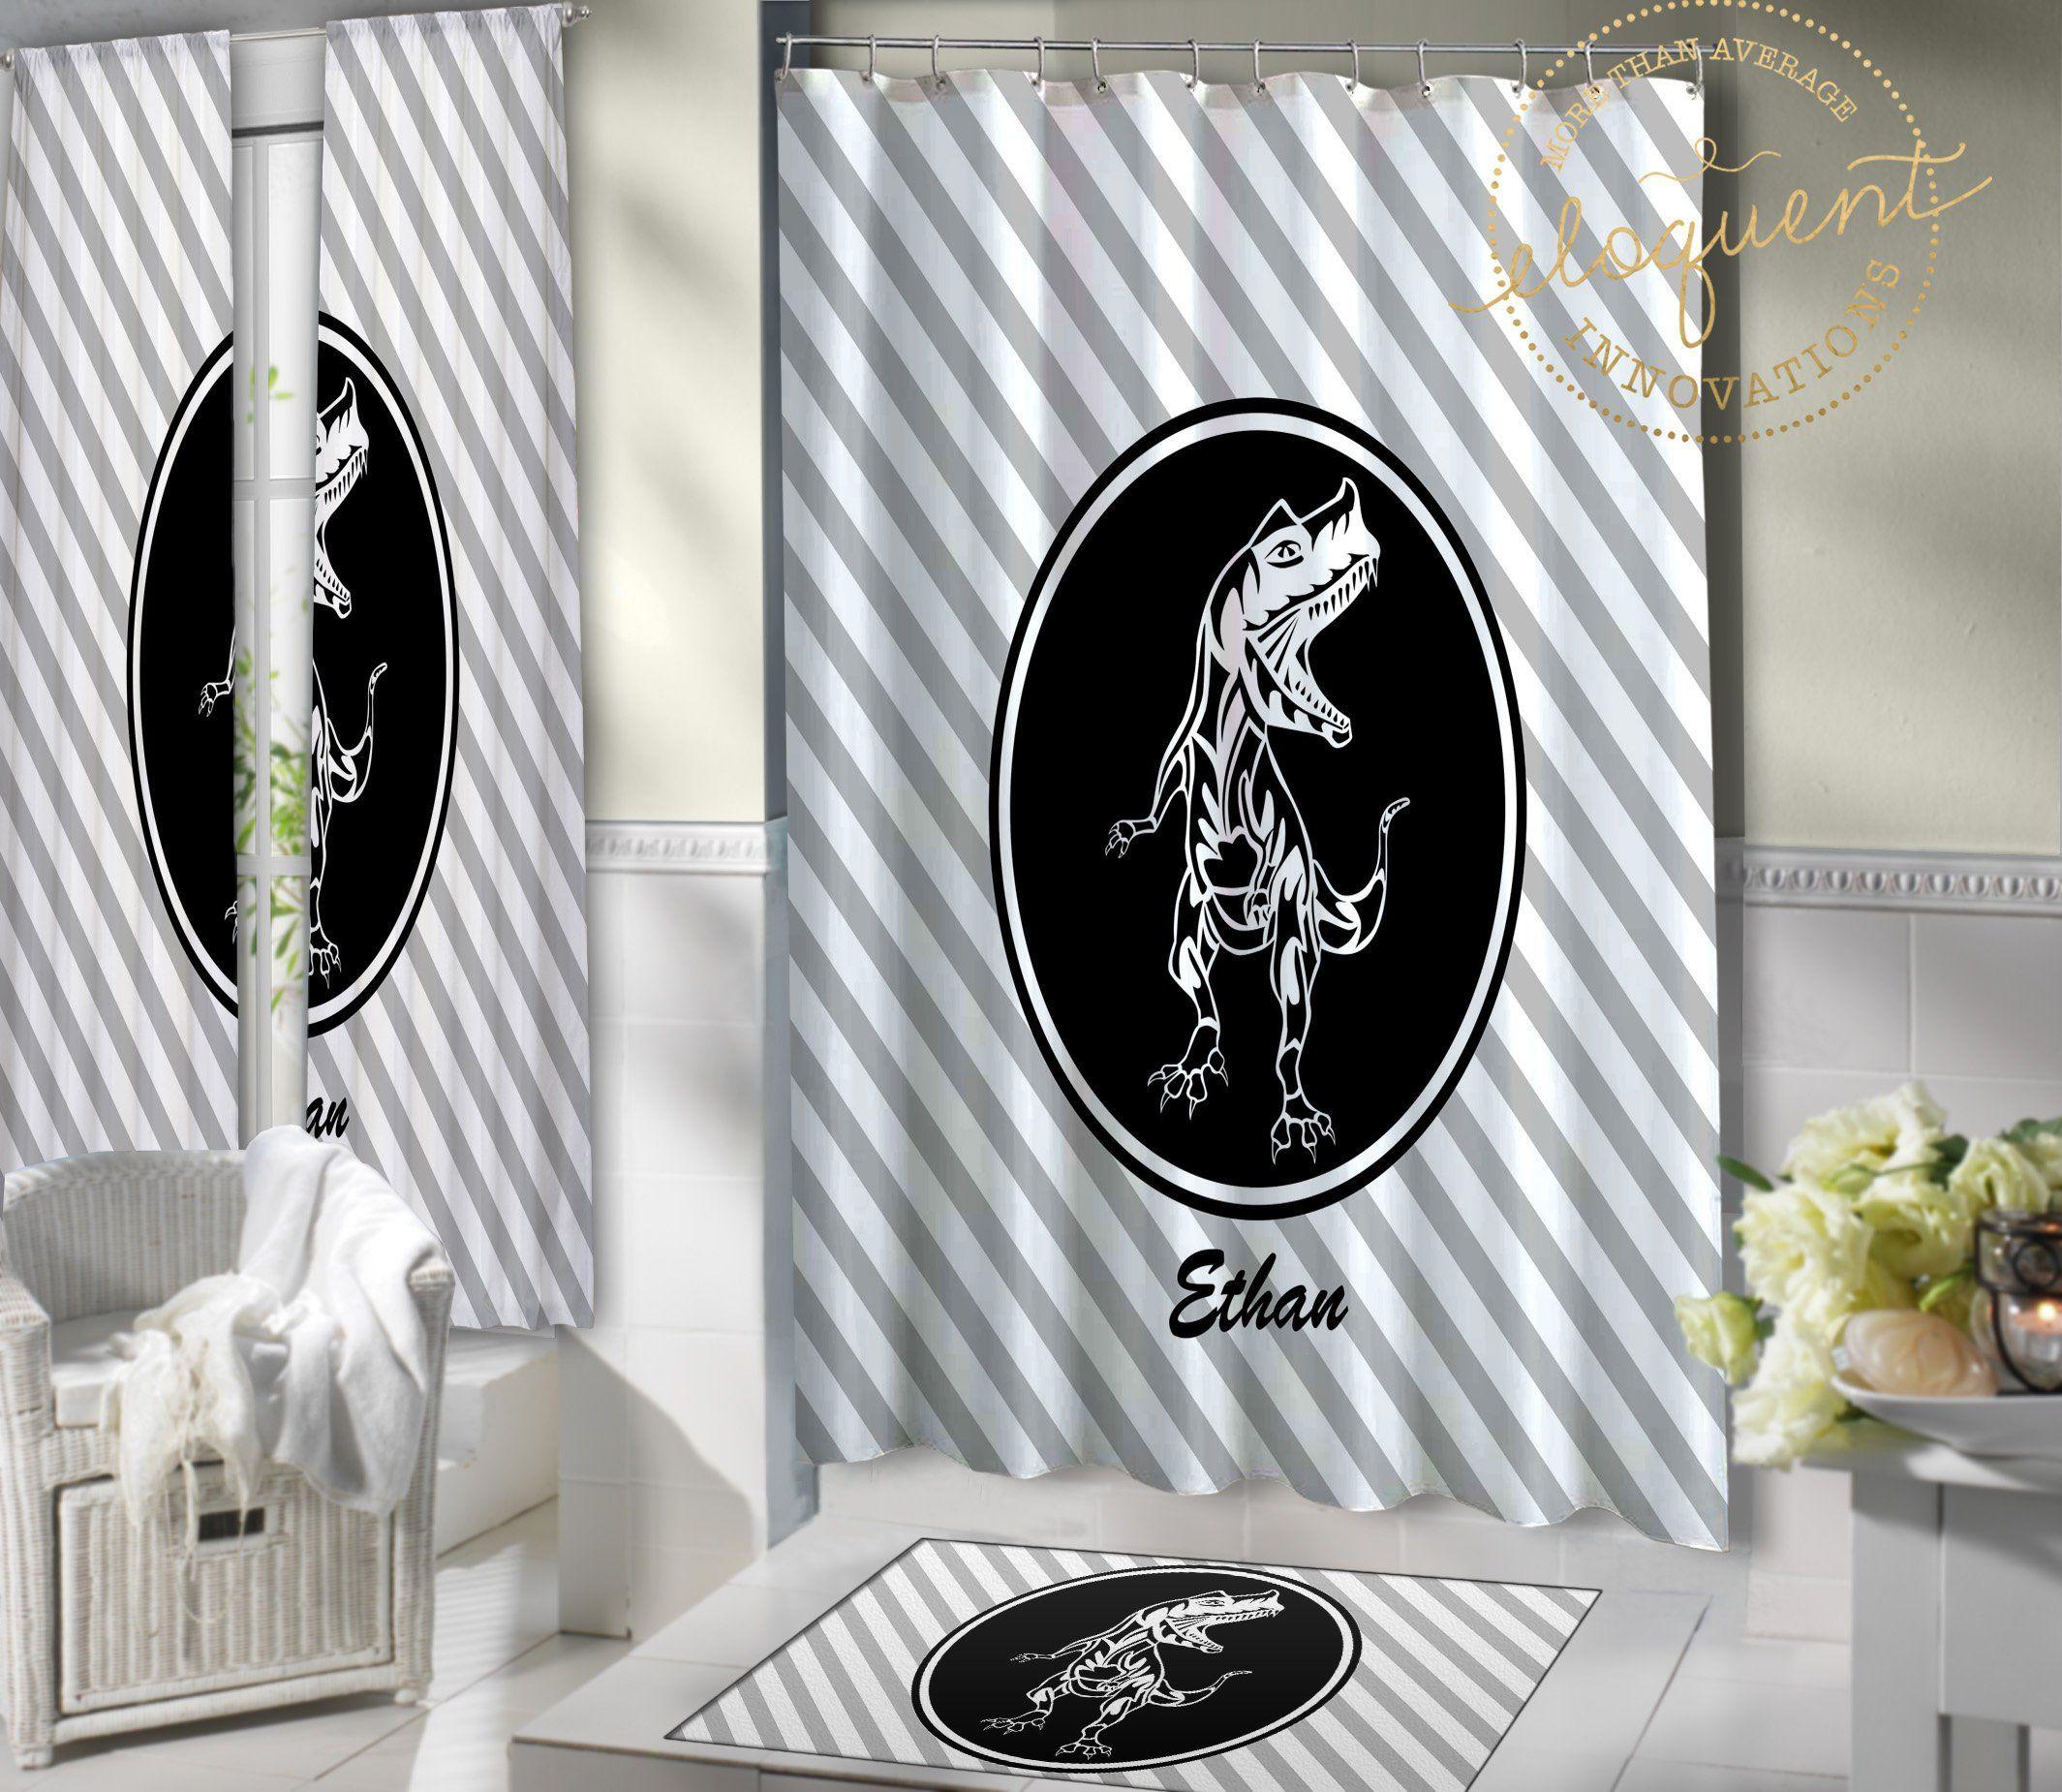 Dinosaur Shower Curtain Fabric T Rex Themed Bathroom